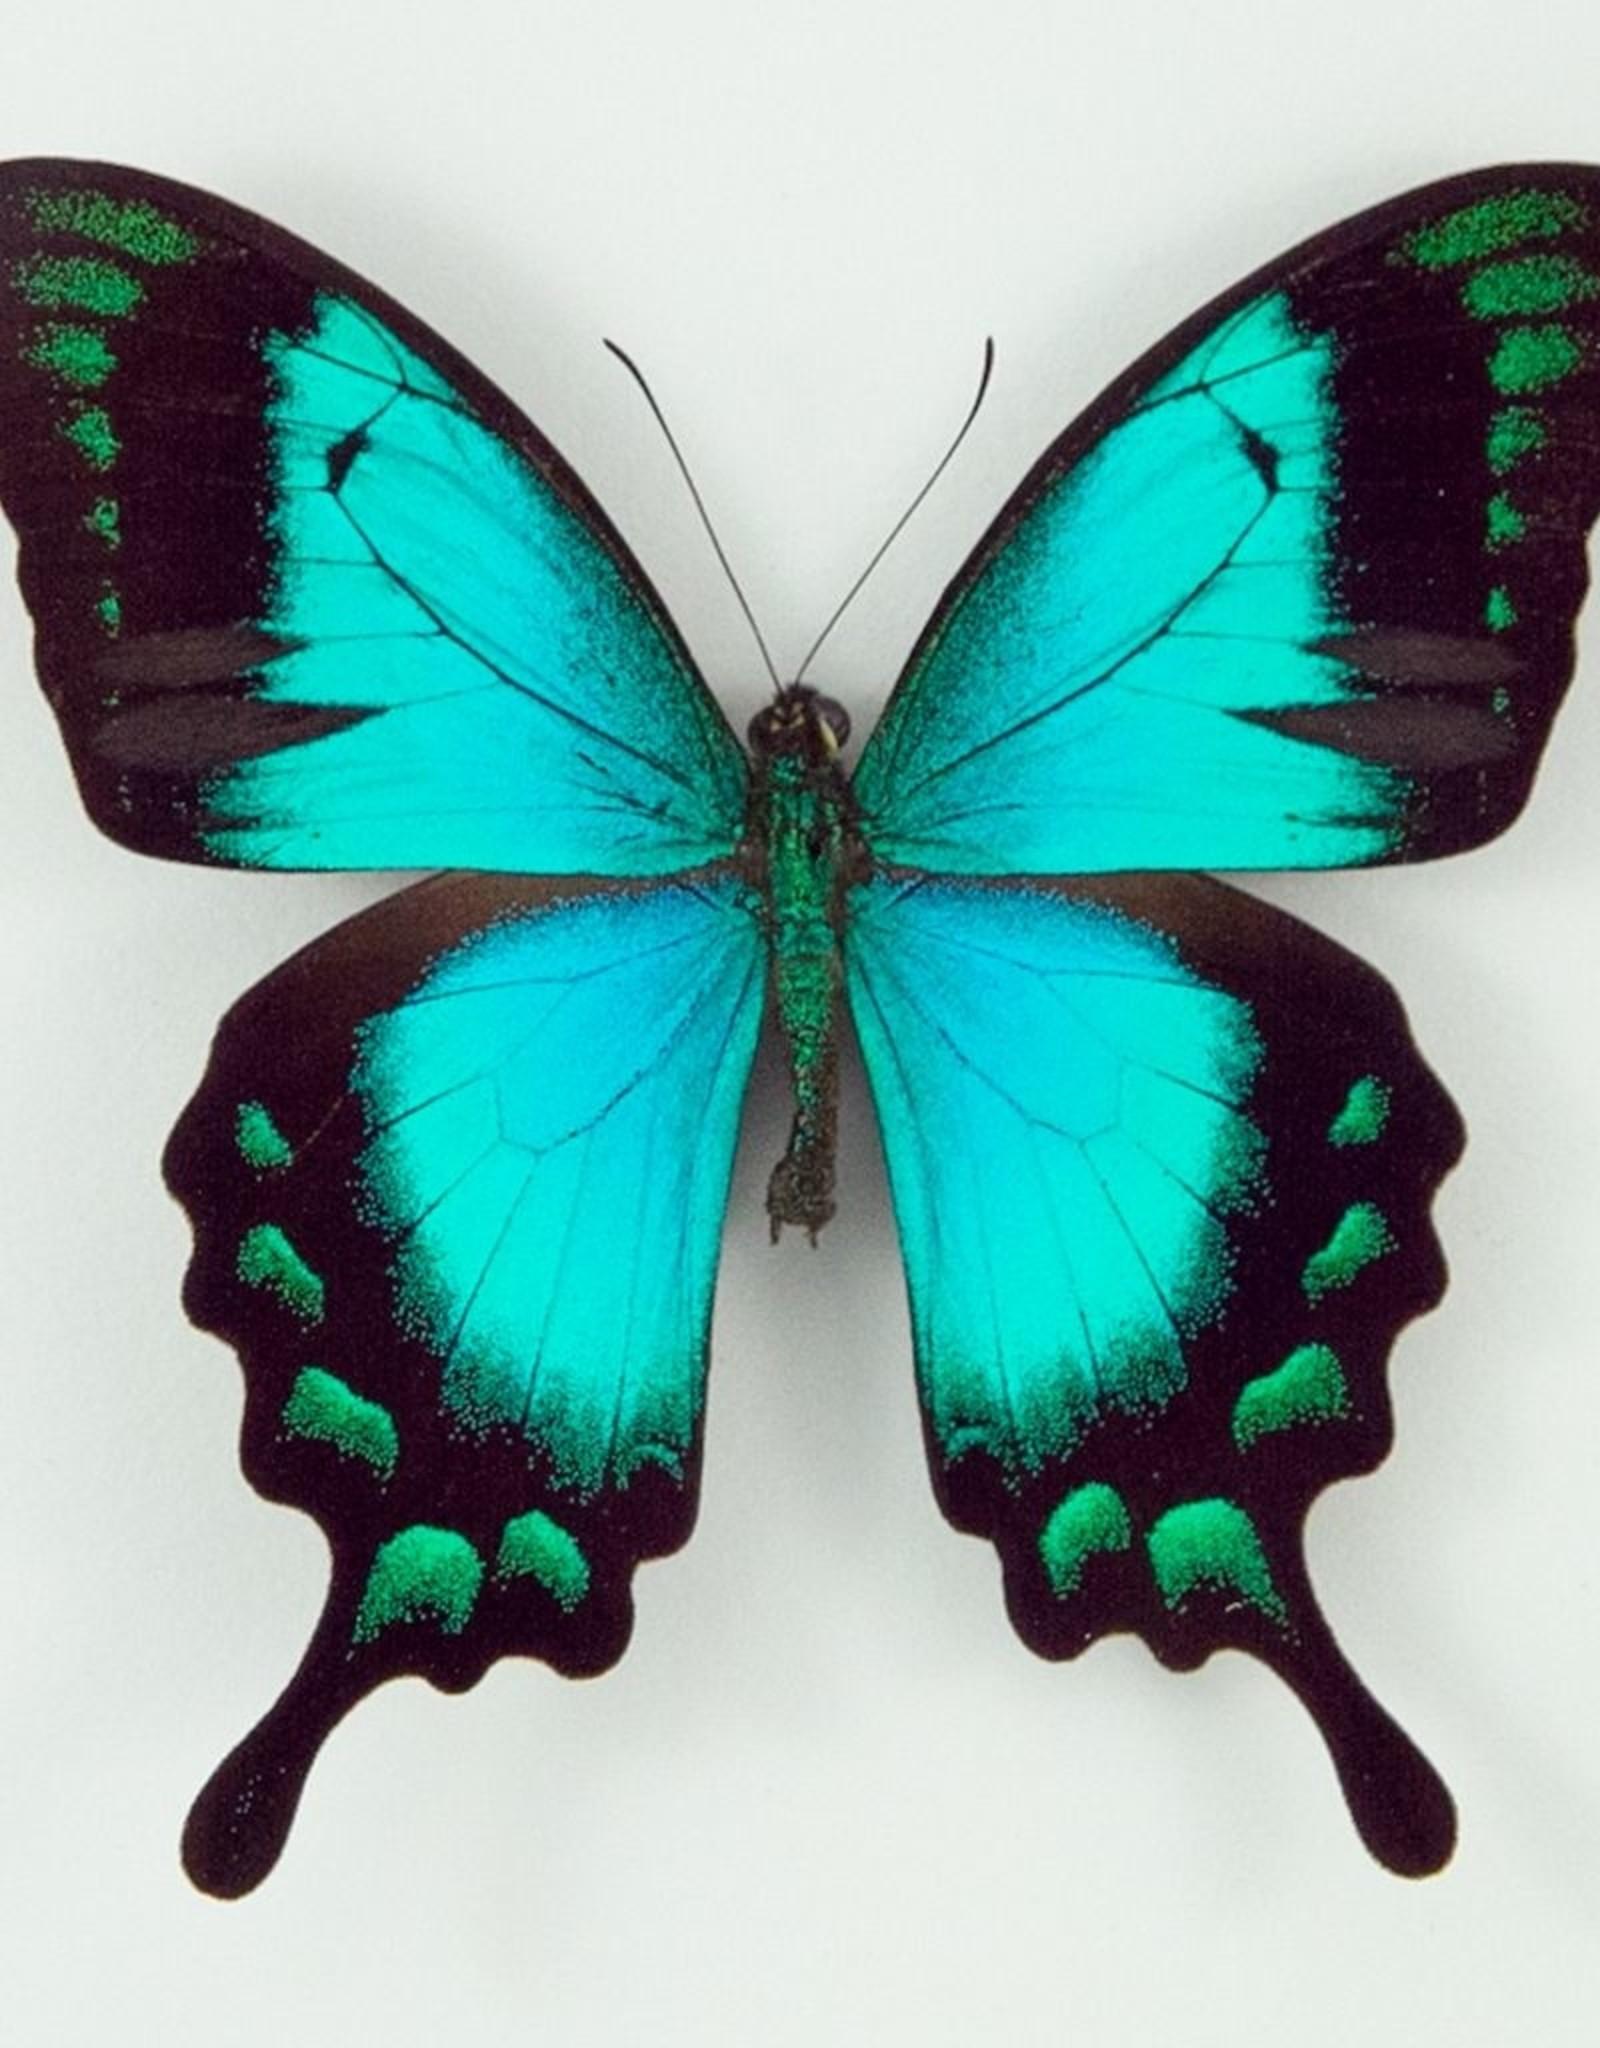 Papilio lorquinianus albertisi M A2 Indonesia